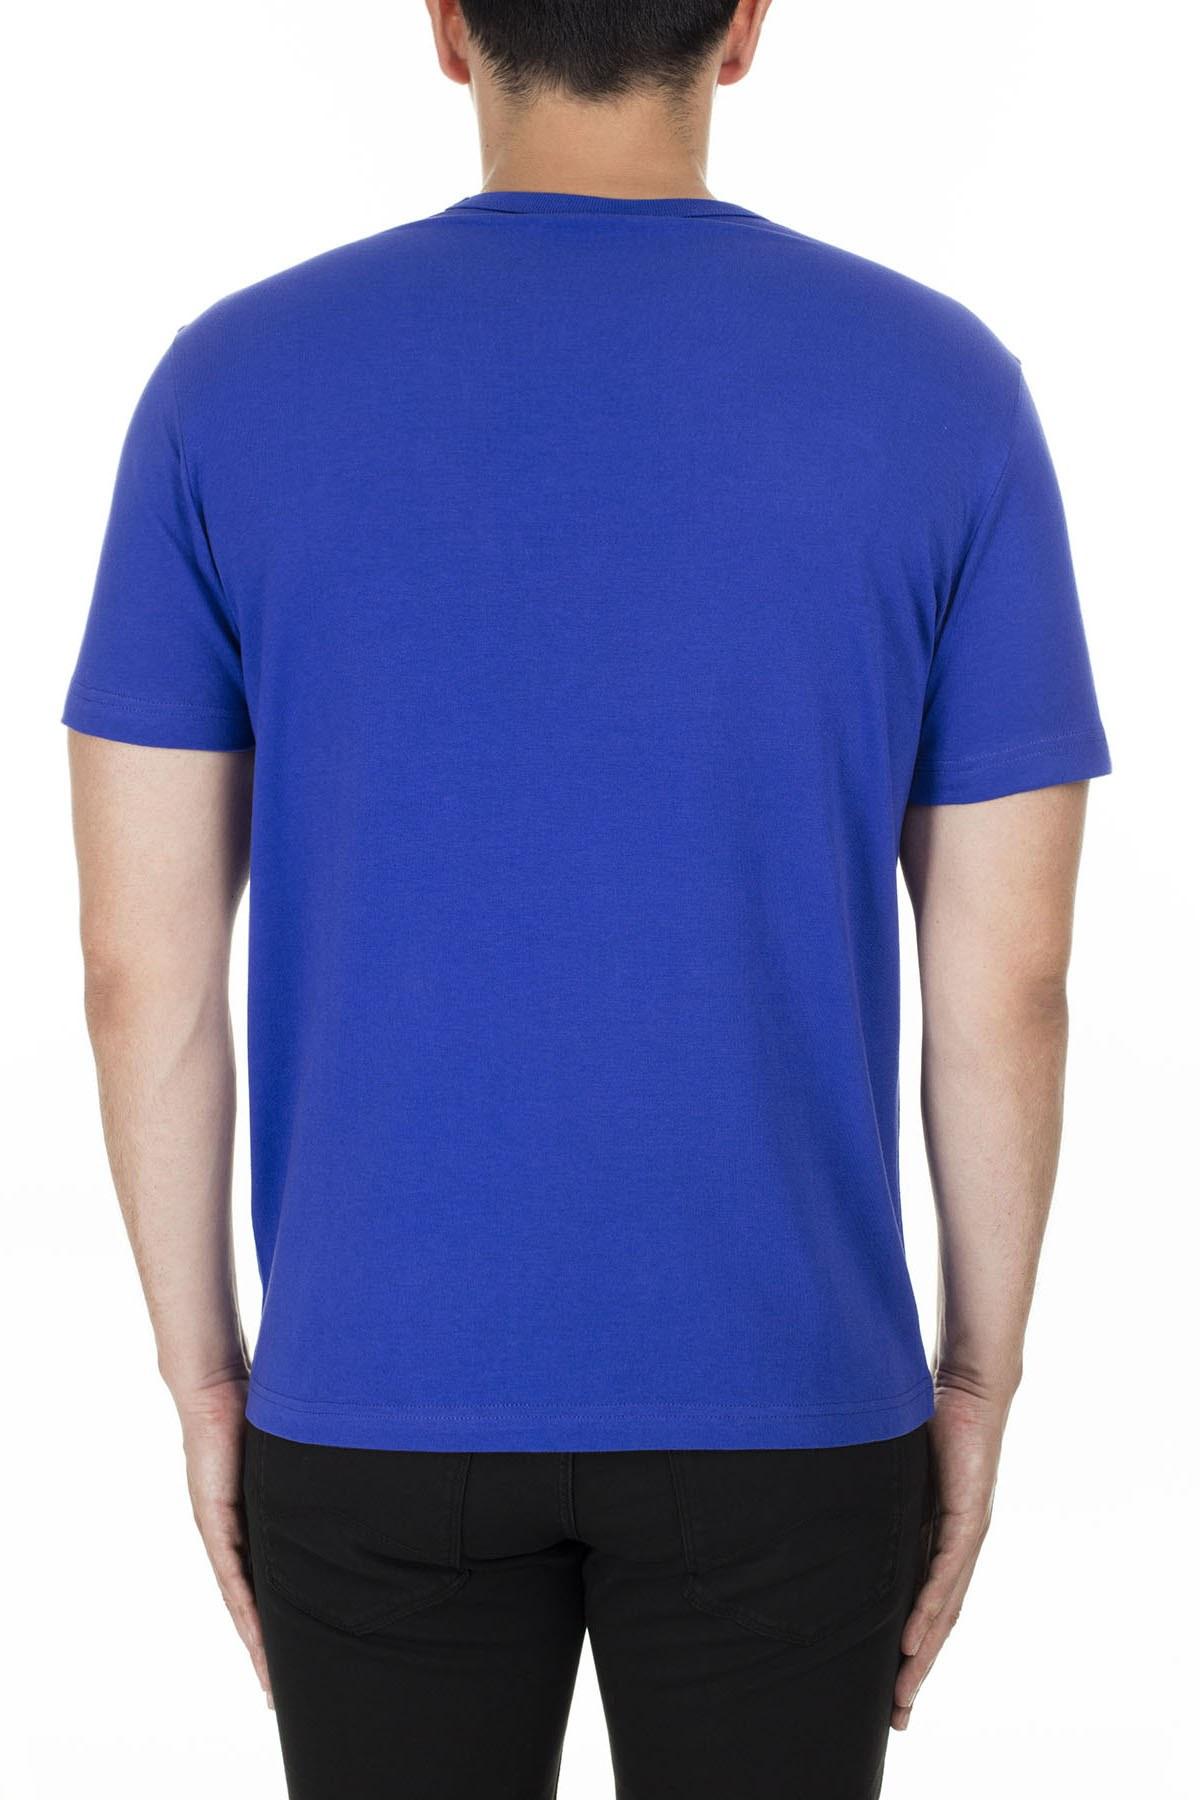 Champion İşlemeli Yazı Logolu Bisiklet Yaka Erkek T Shirt 210972 BS103 BKK SAKS